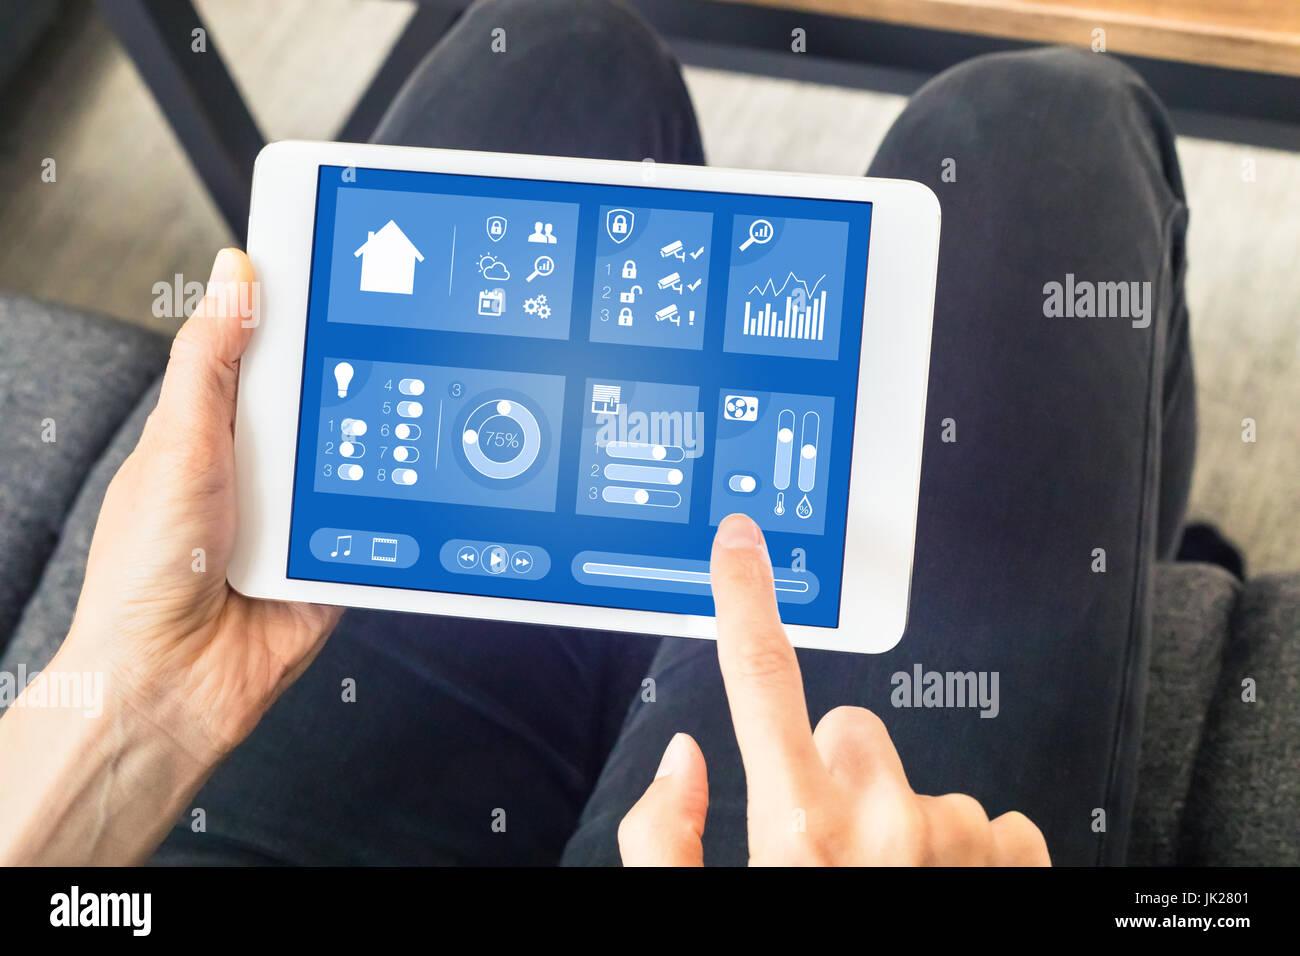 Personne à l'aide de smart home automation planche de bord sur un ordinateur tablette numérique avec Photo Stock